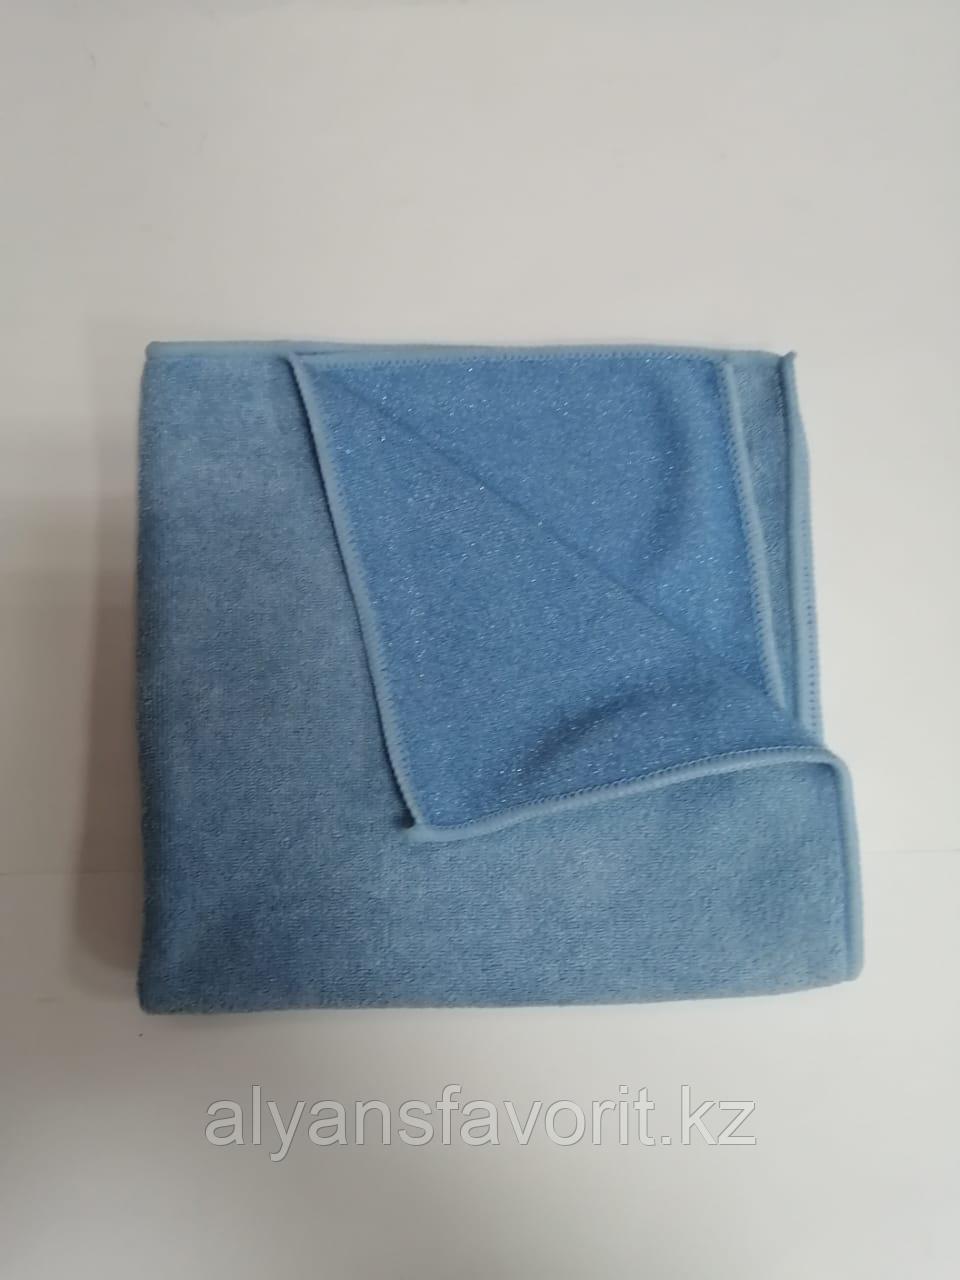 Тряпочка (салфетка) микрофибра с пластиковым абразивом 40*40 см. - фото 2